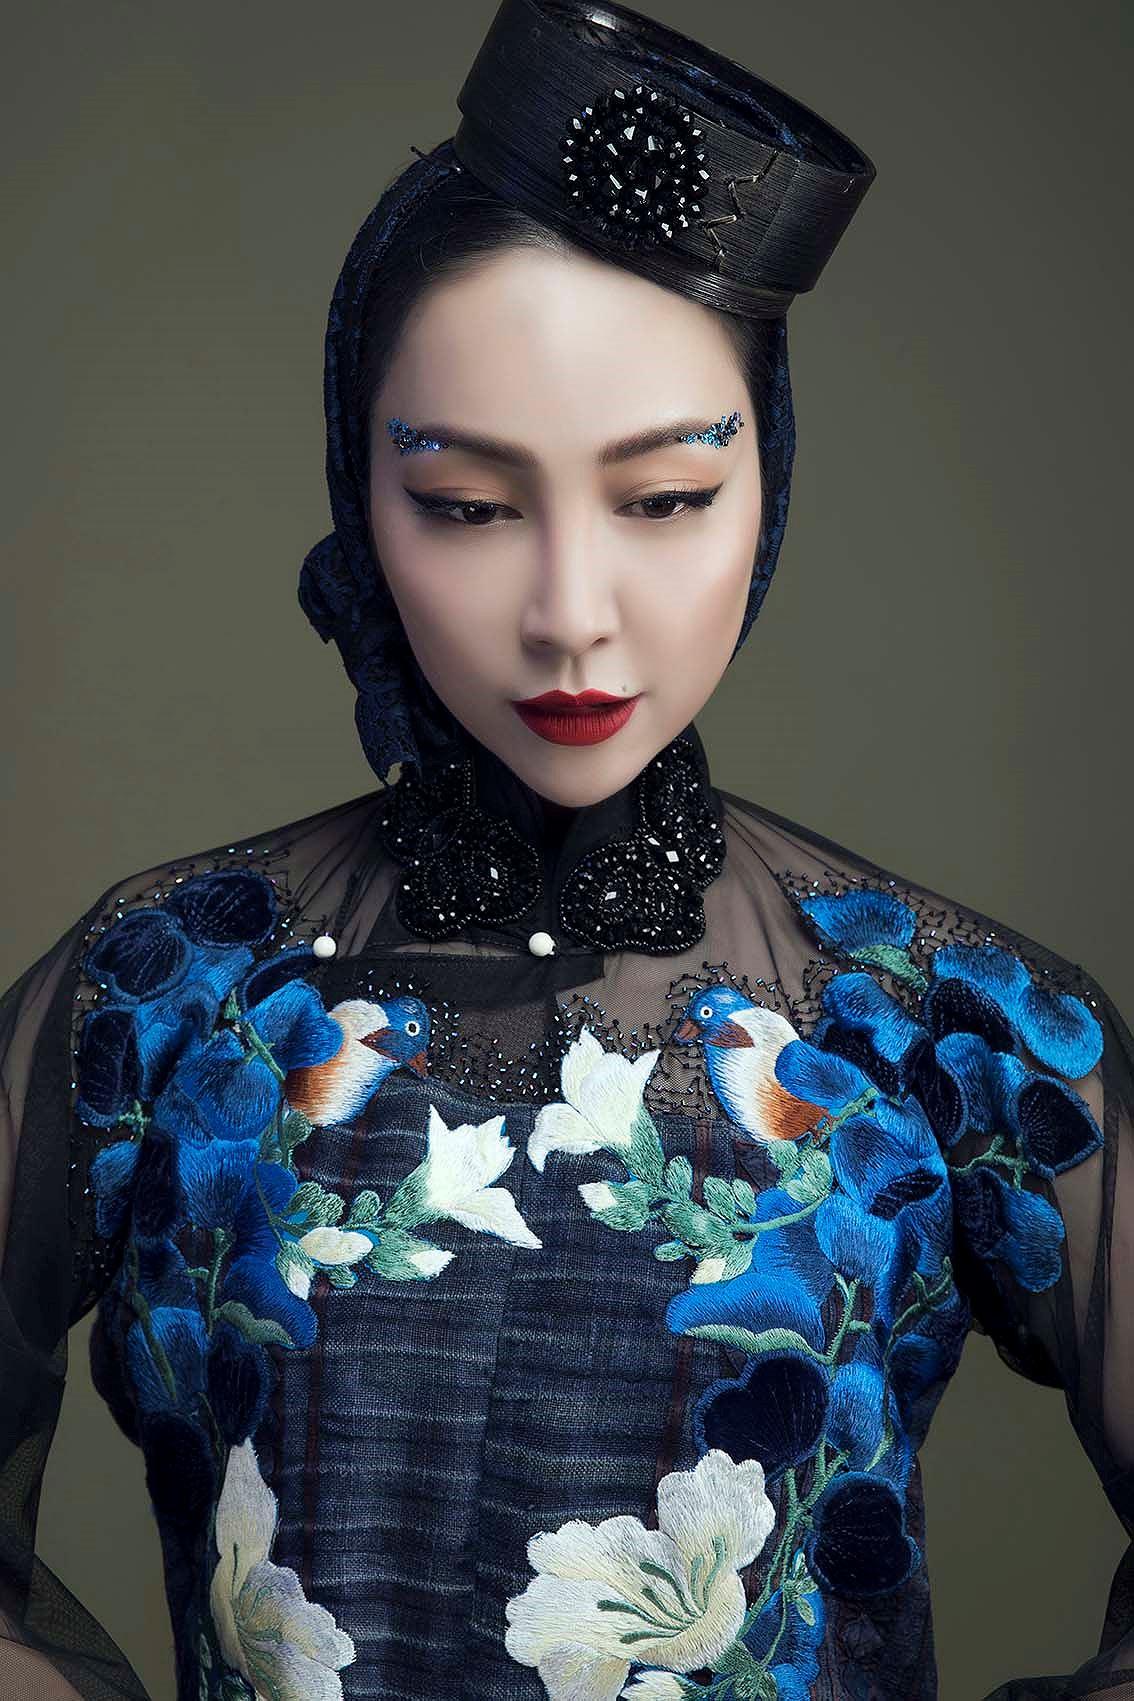 'Chim công làng múa' Linh Nga hóa nàng xuân Tây Bắc với áo dài hoa ban Ảnh 9